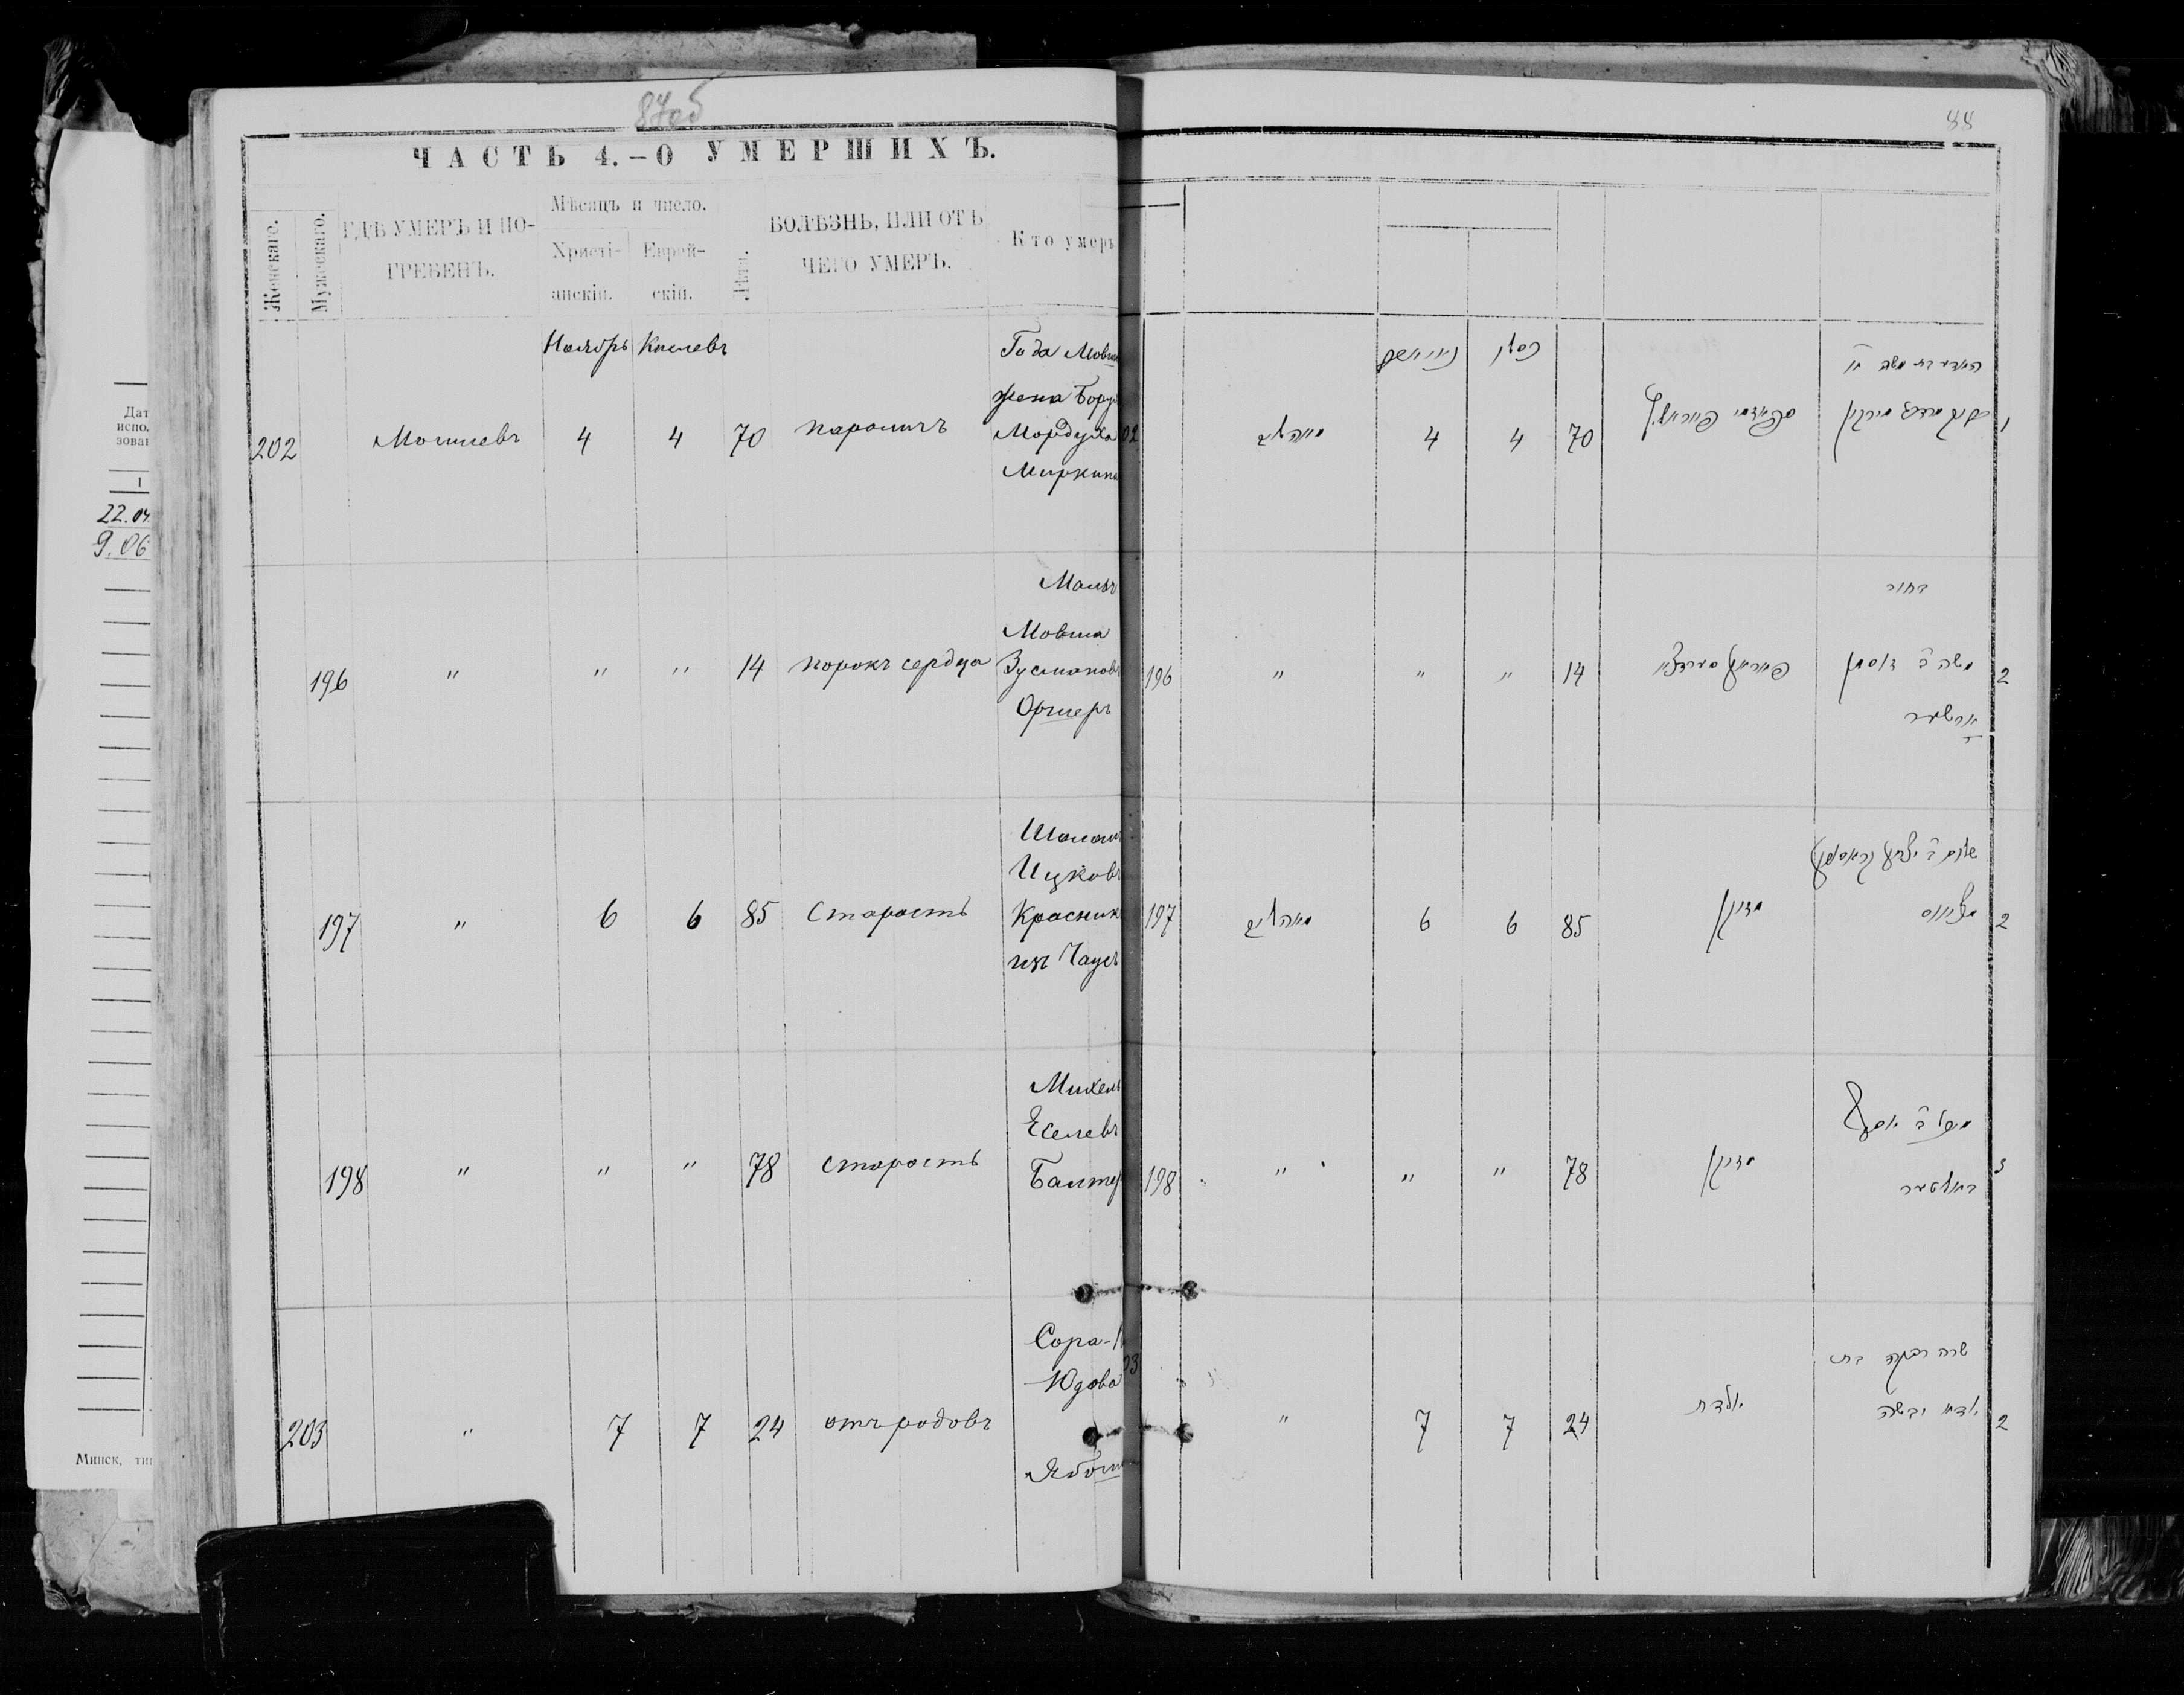 Года Миркна 4 ноября 1890, запись 202, пленка 004563097, снимок 198